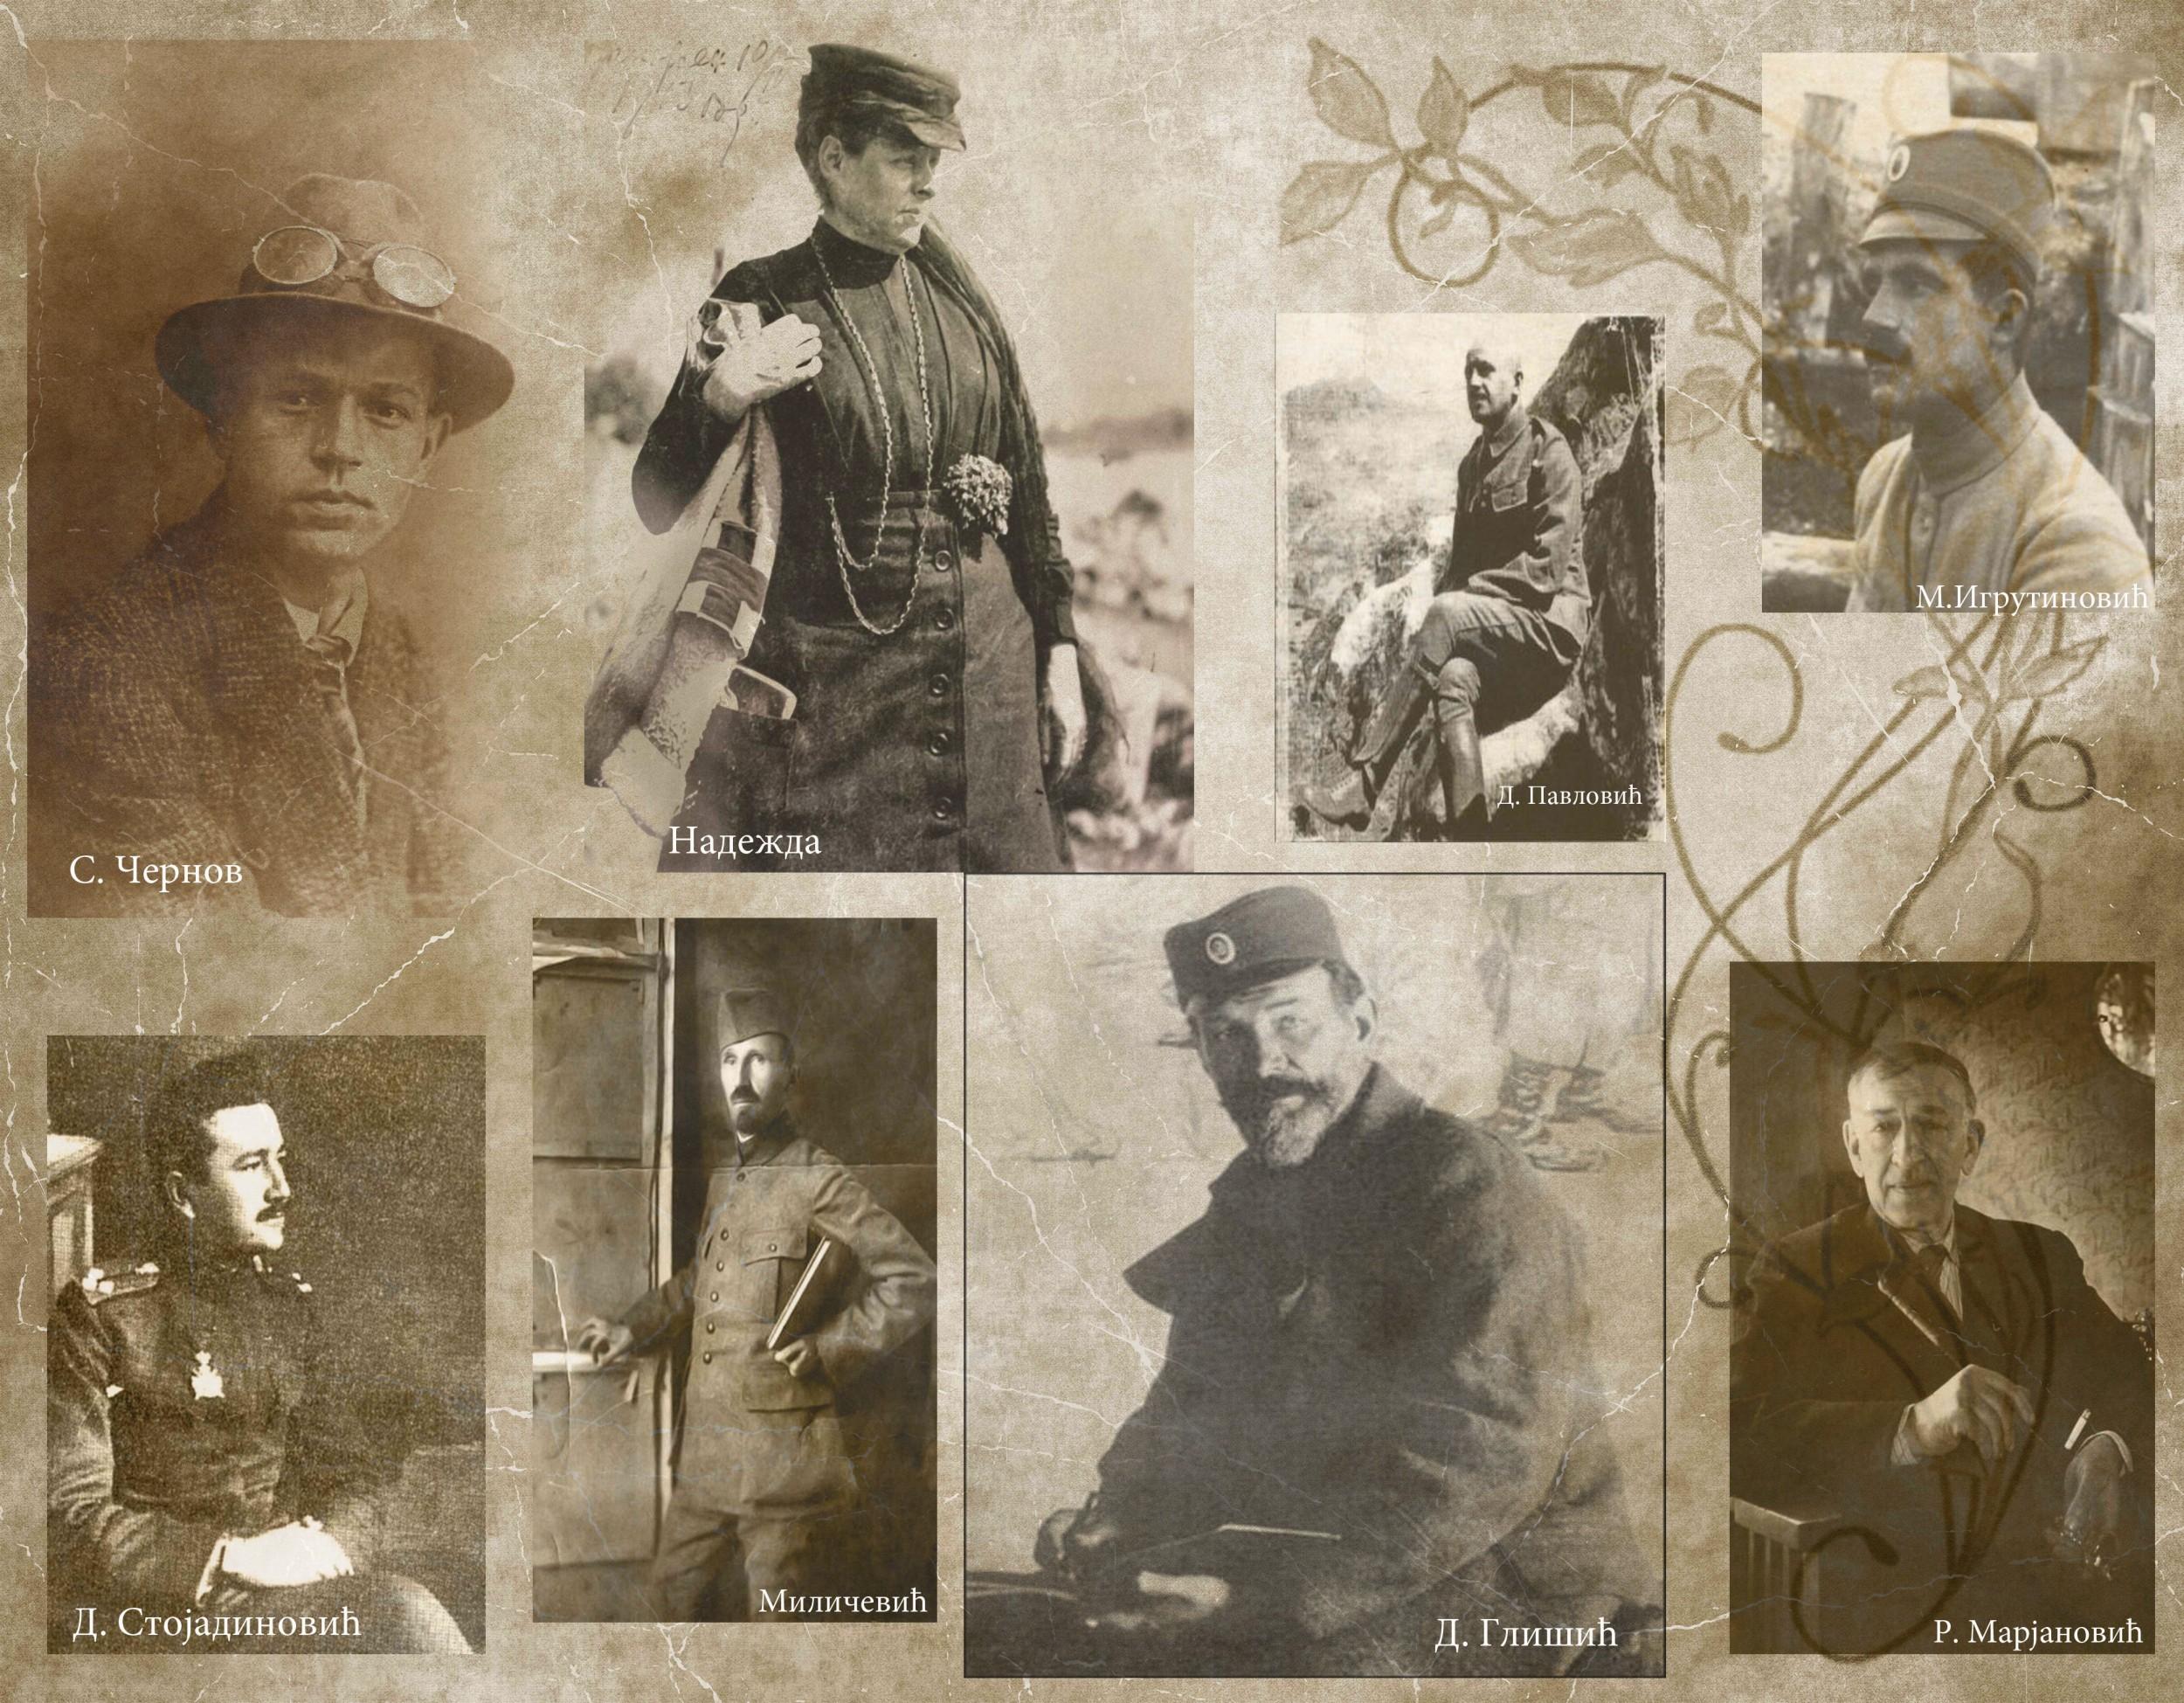 Ратни фотографи и сликари – Риста Марјановић